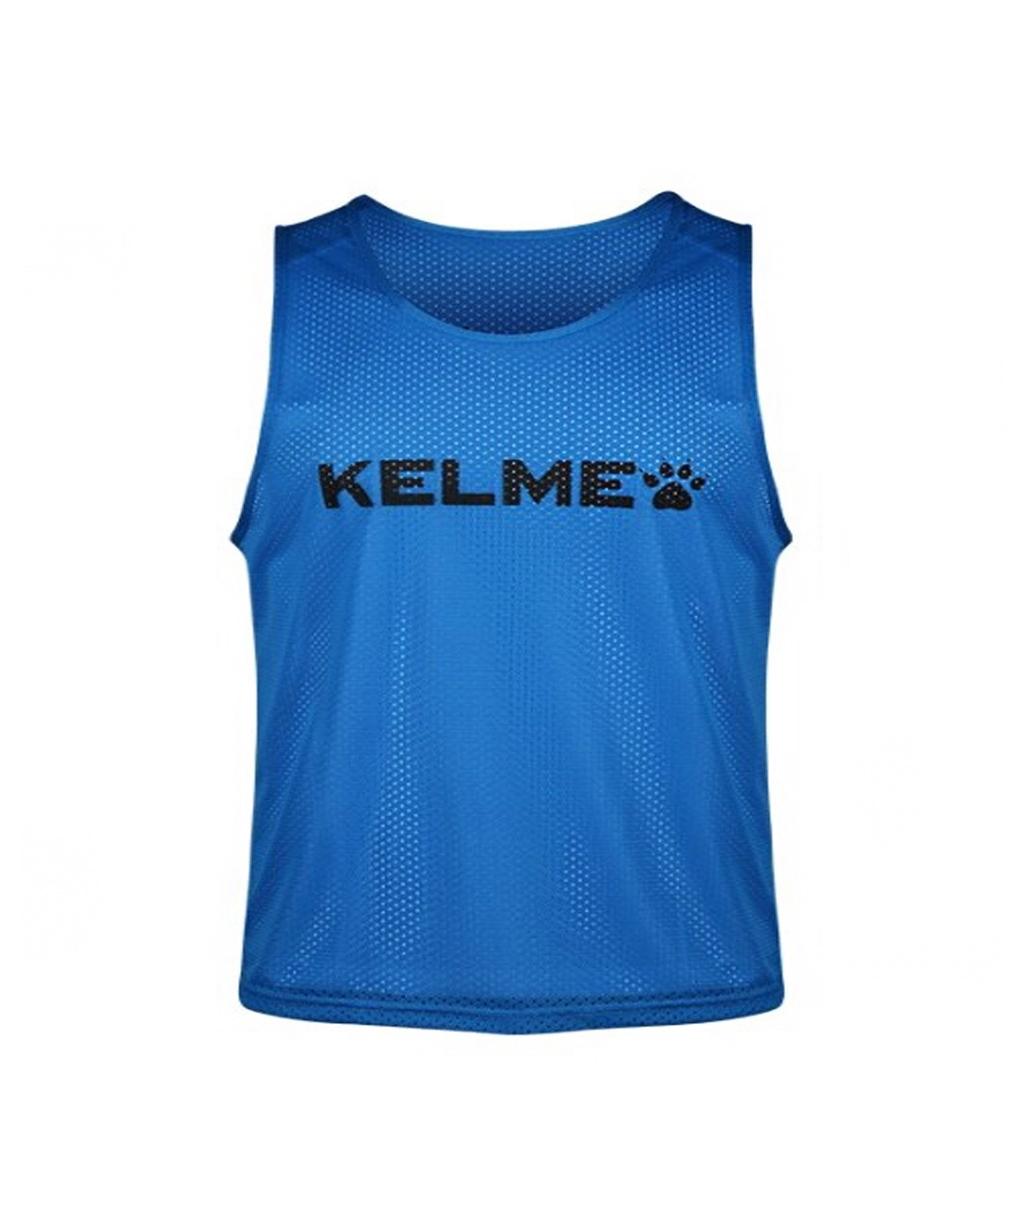 Купить синюю детскую манишку Kelme Training BIB в интернет-магазине